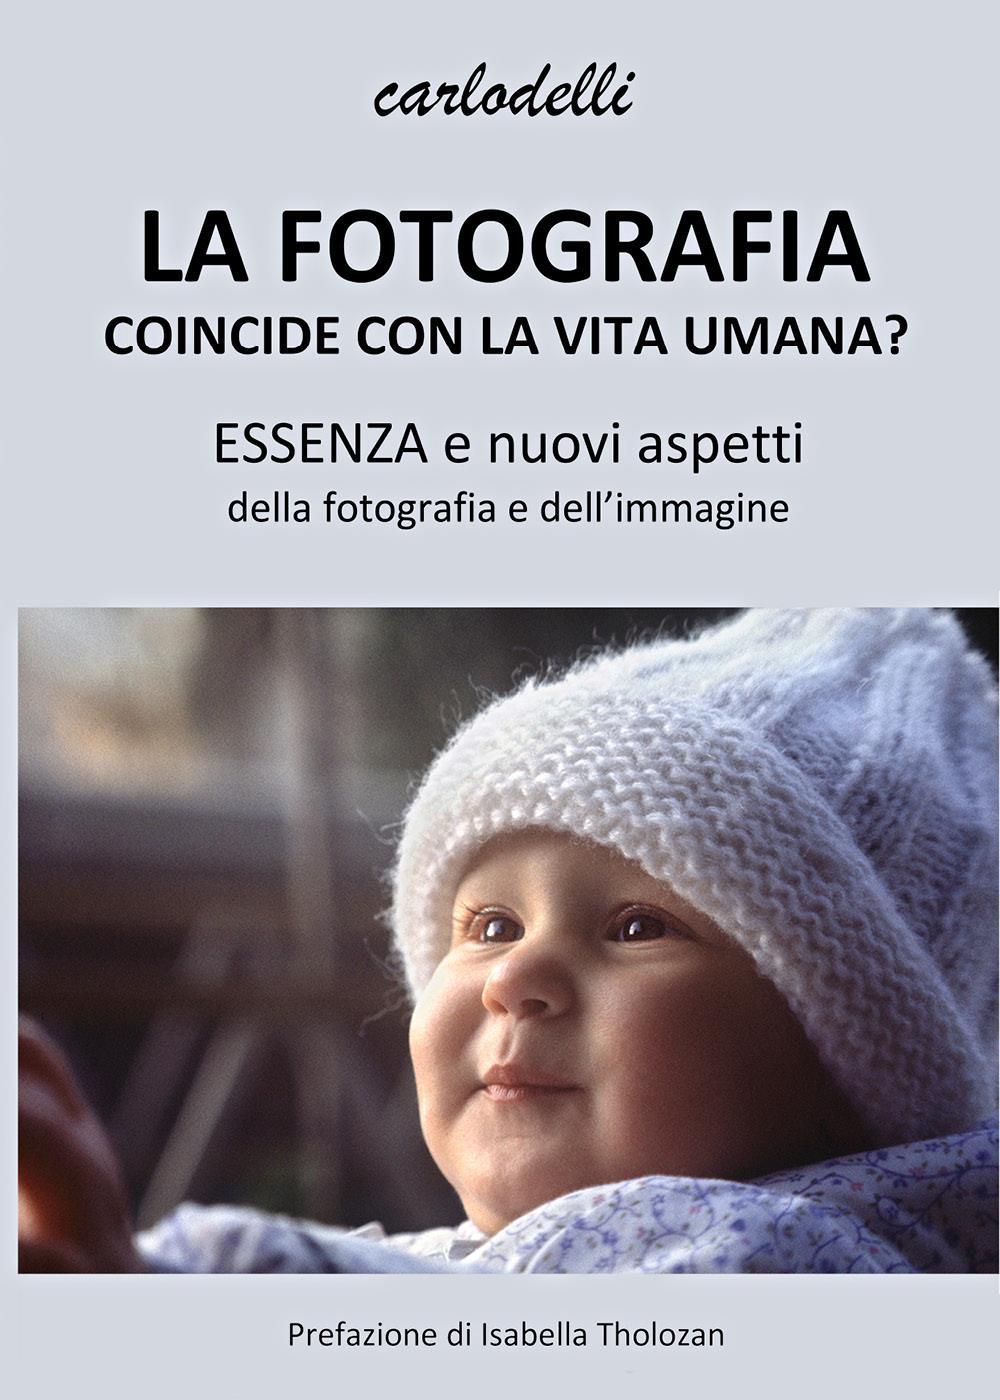 La fotografia coincide con la vita umana